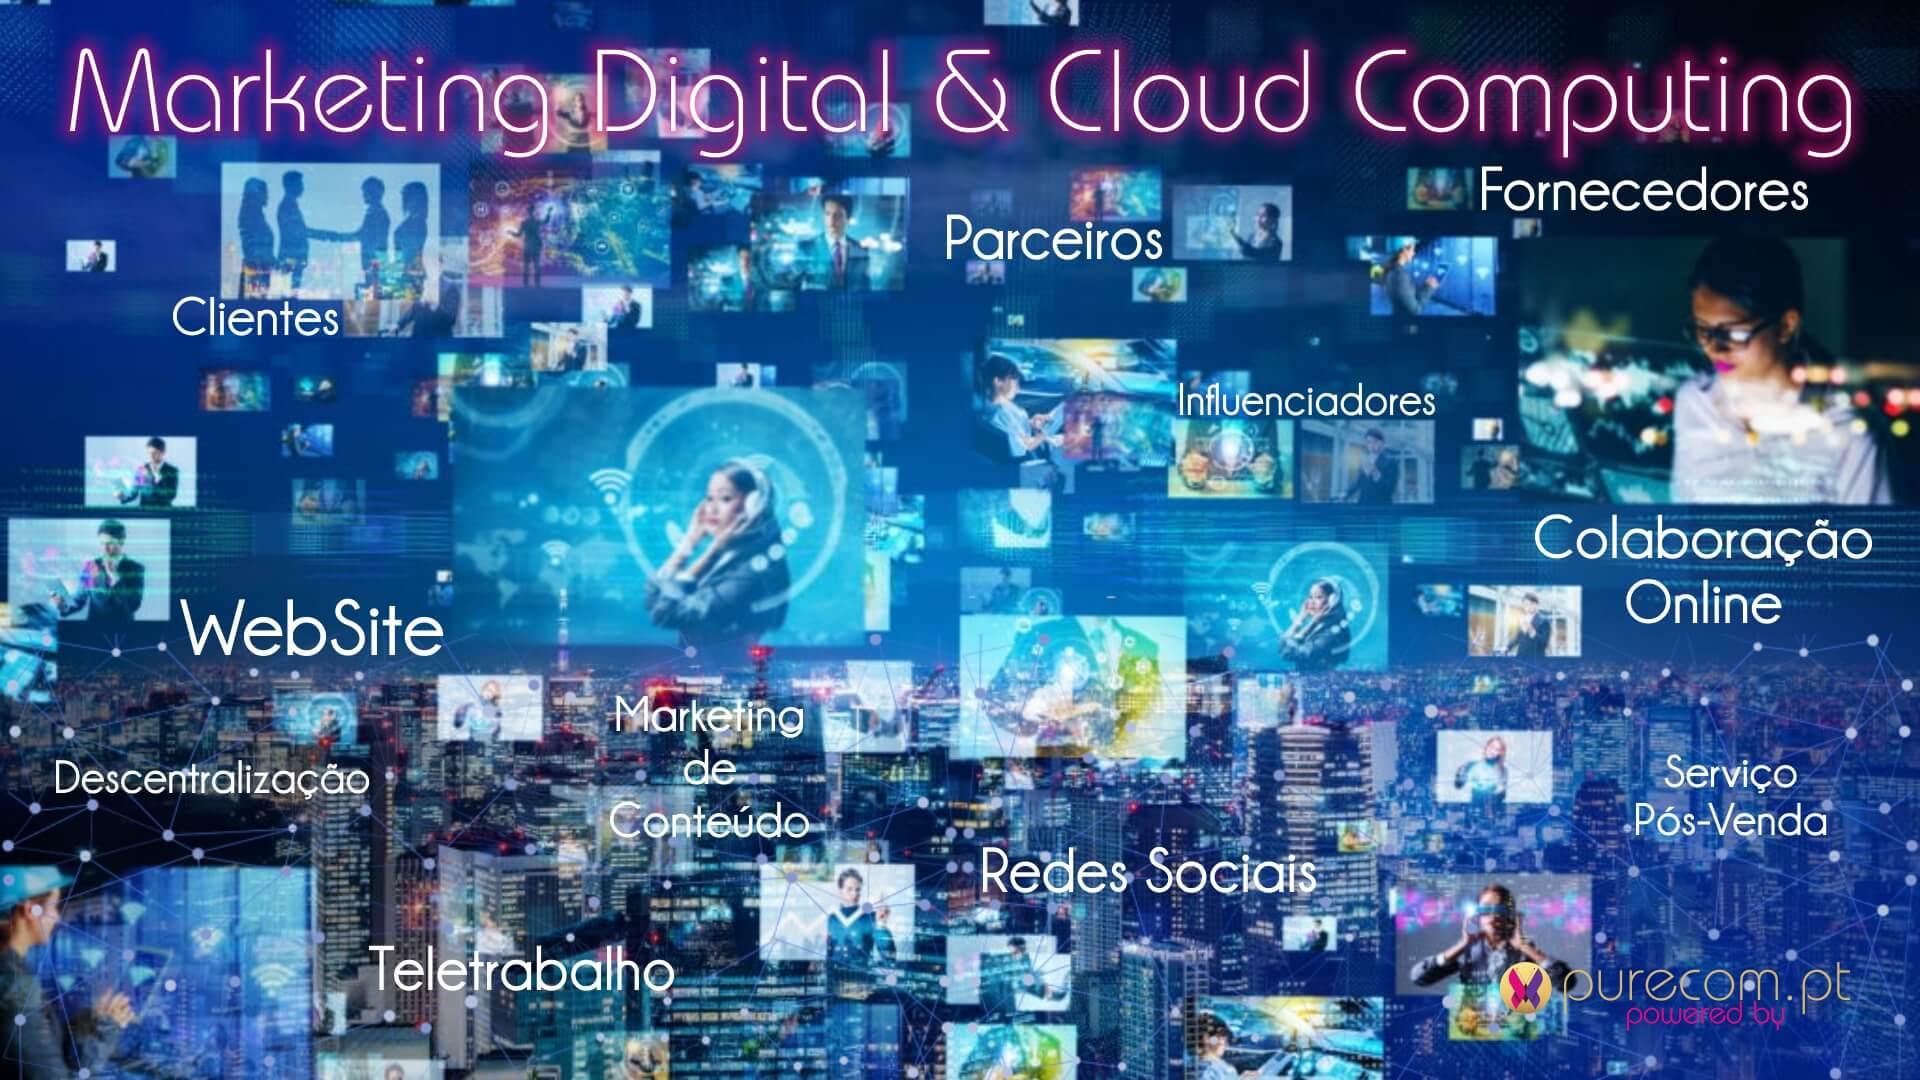 #Marketing Digital #Cloud Computing #Colaboração Online